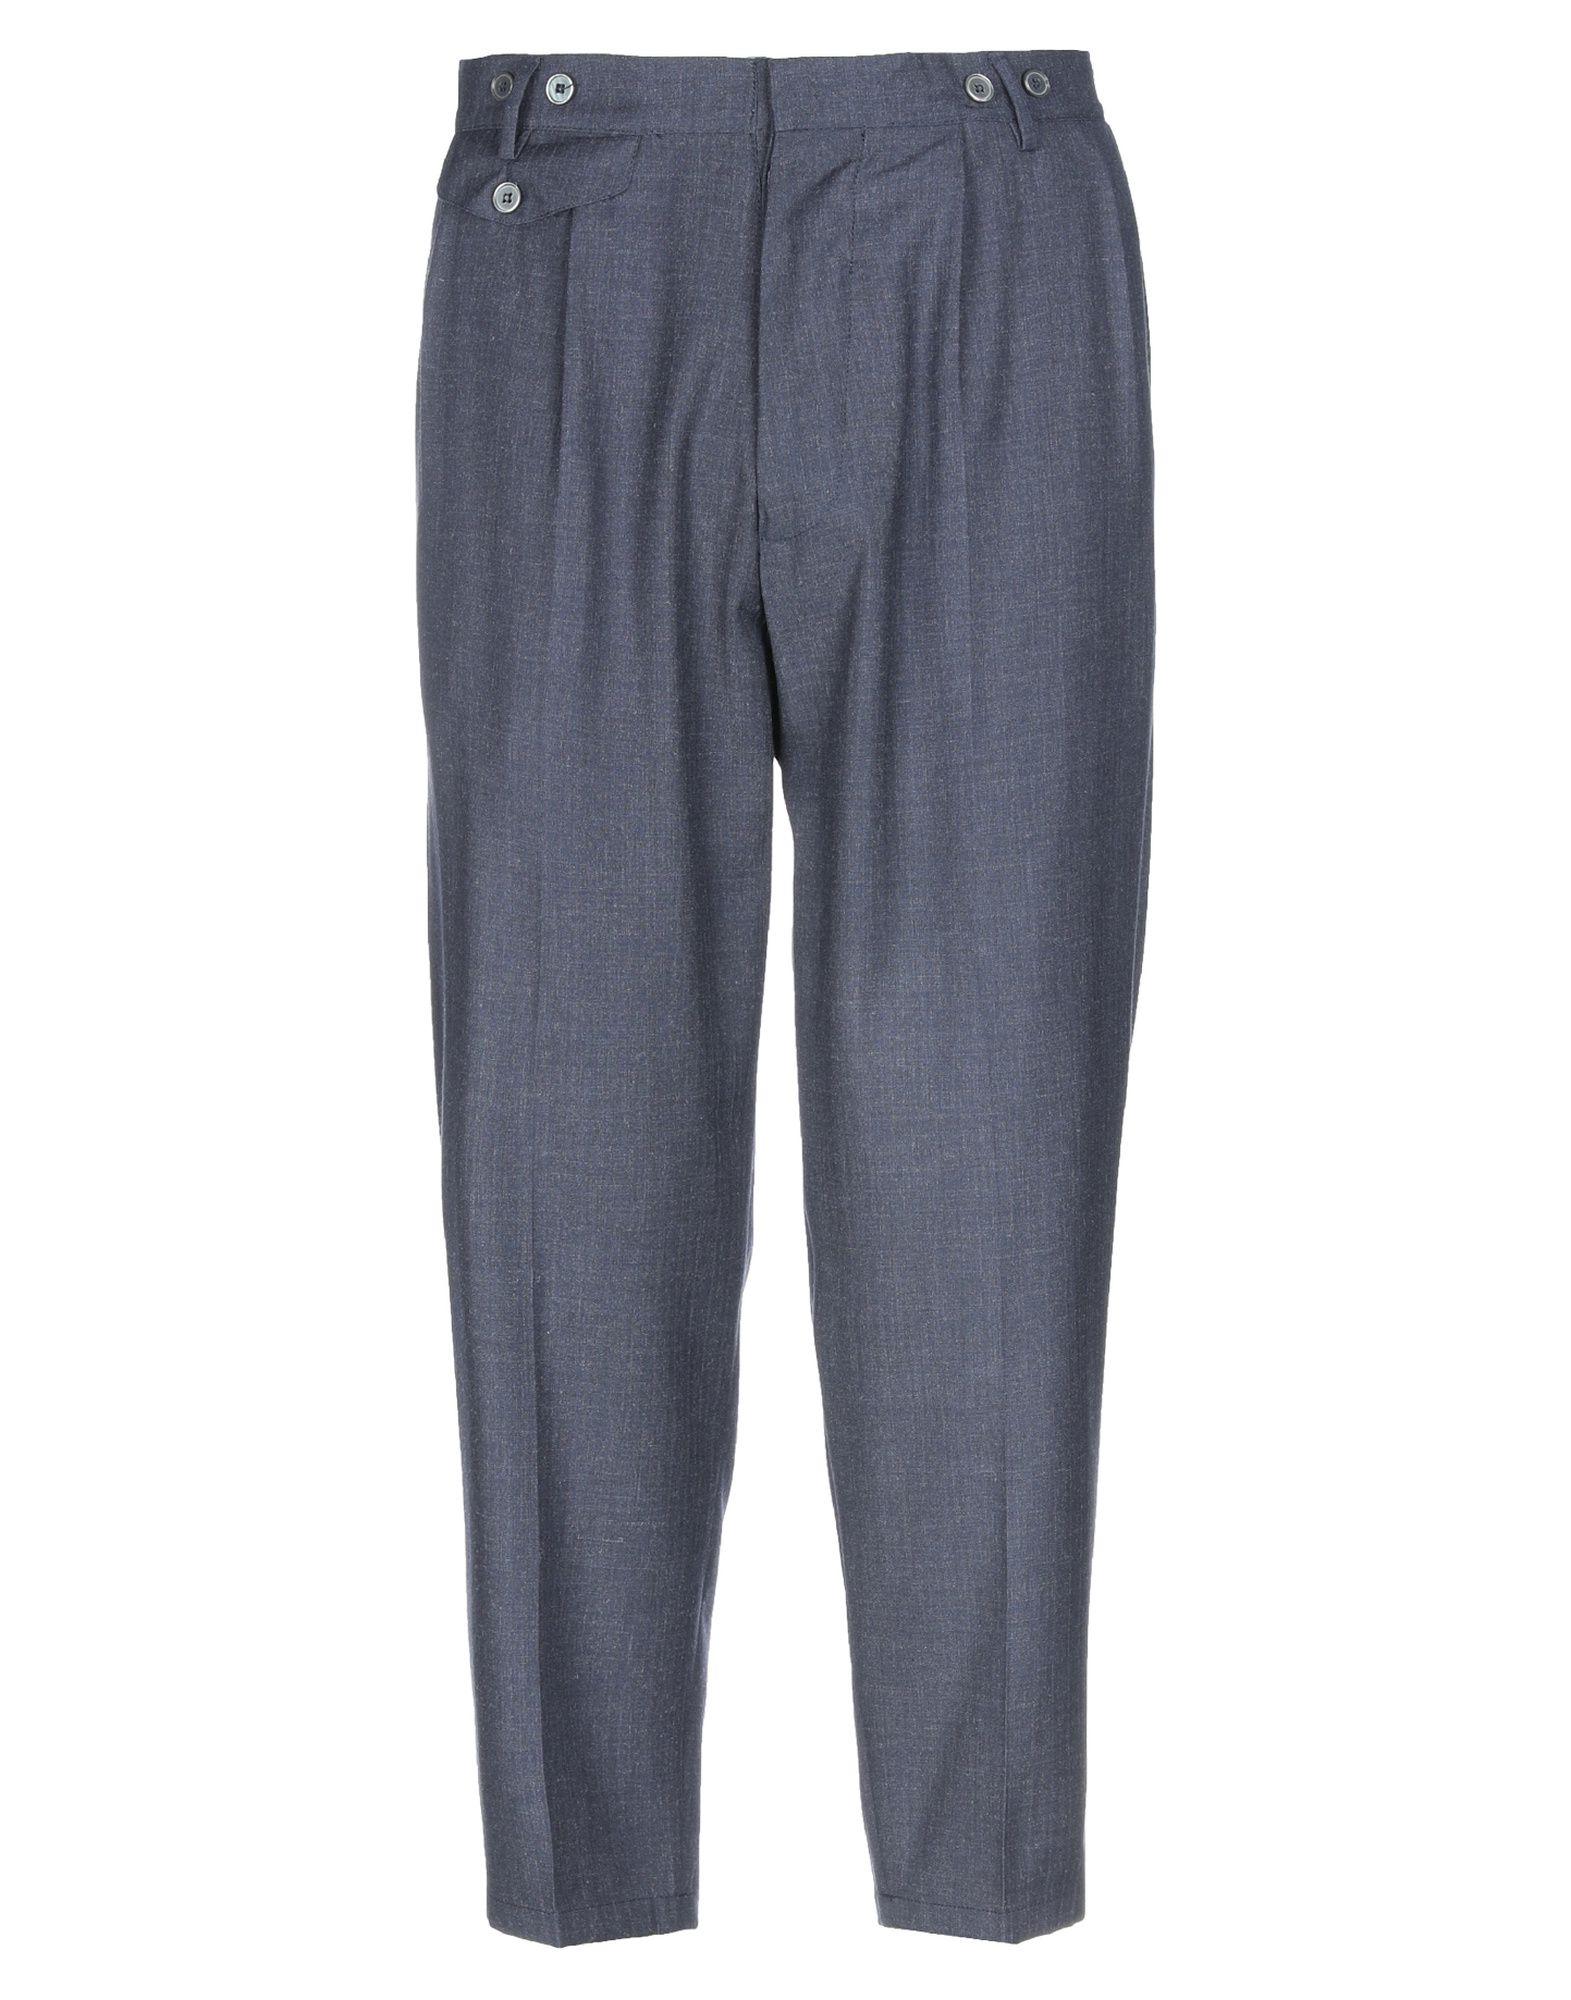 《期間限定セール開催中!》JOHN SHEEP メンズ パンツ ダークブルー 48 ポリエーテル 70% / レーヨン 30%